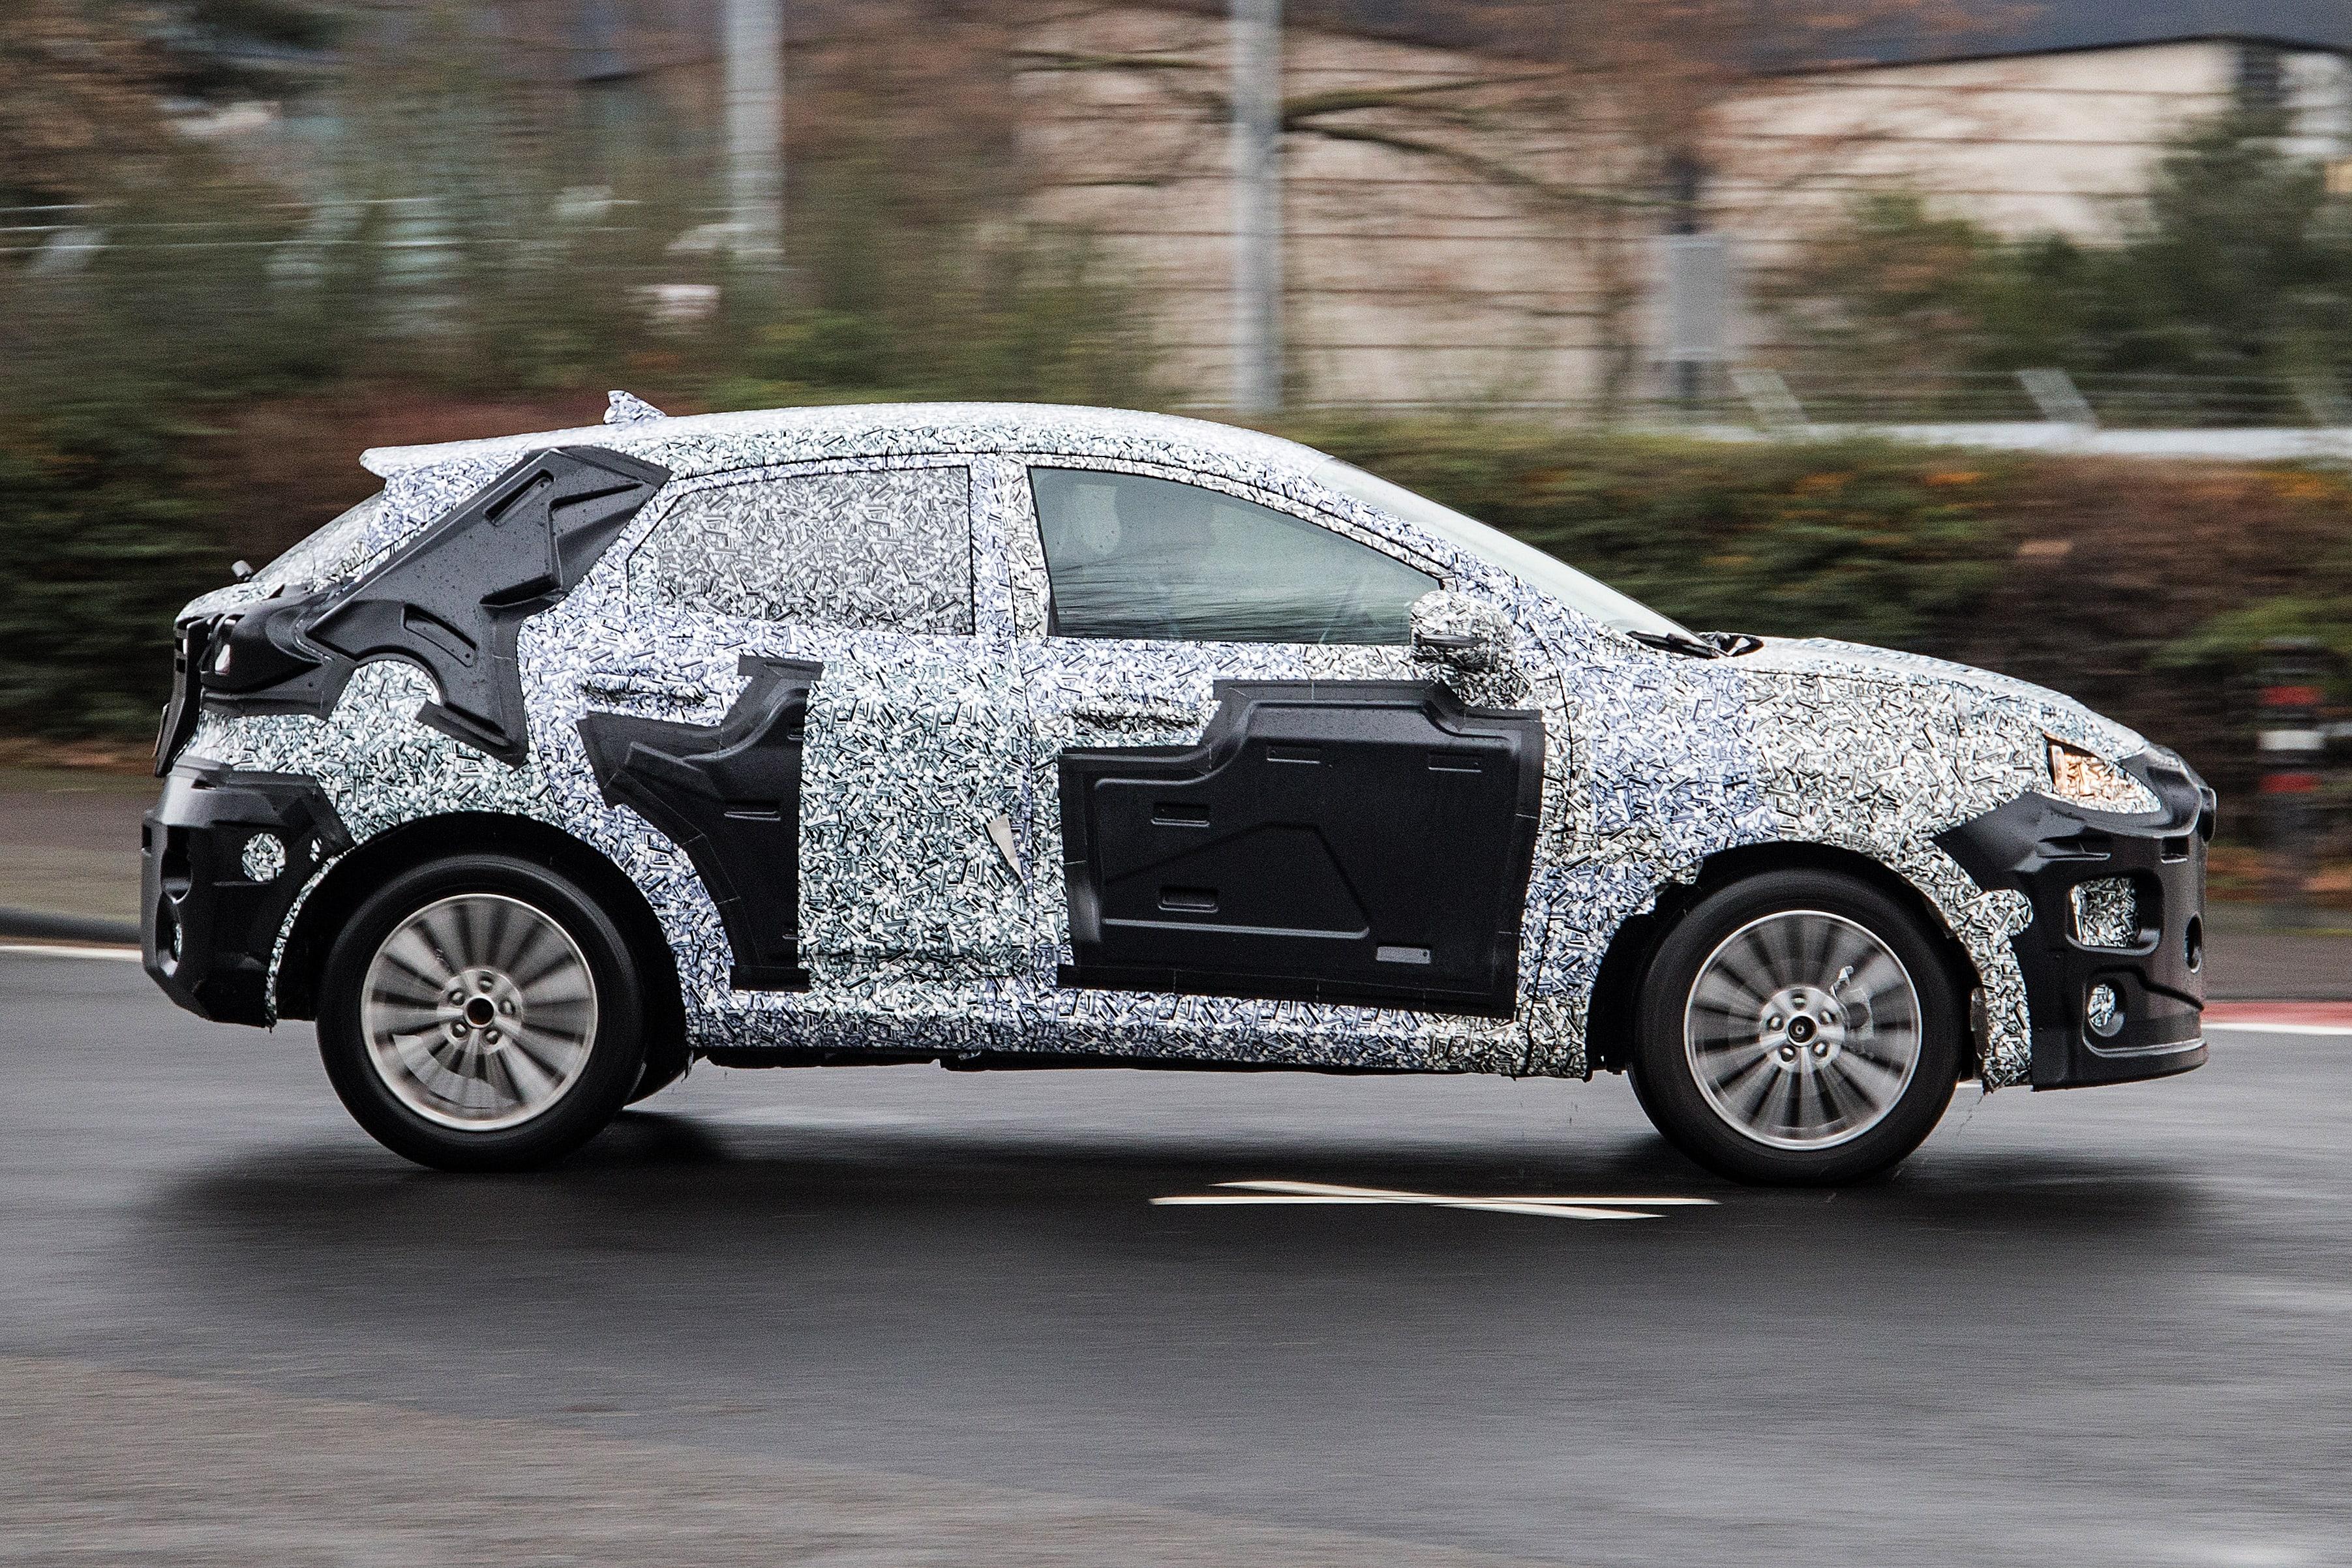 Novo SUV compacto da Ford é montado na plataforma do Fiesta e não tem estepe na tampa do porta-malas